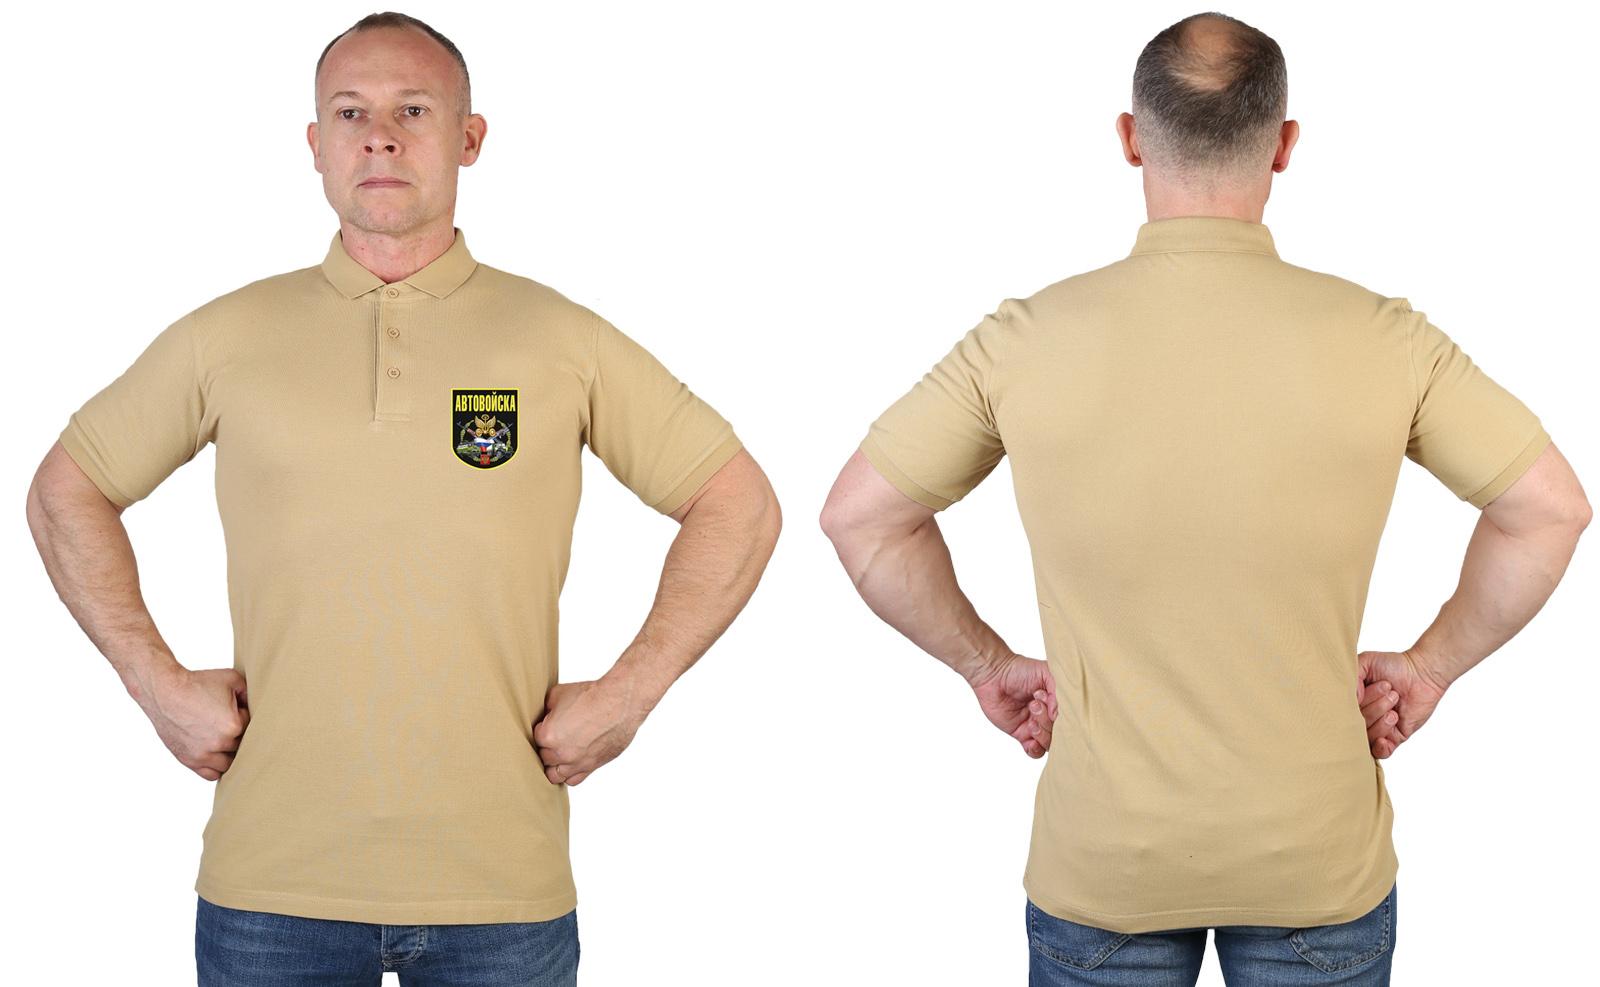 Удобная трикотажная футболка-поло с термонаклейкой Автовойска